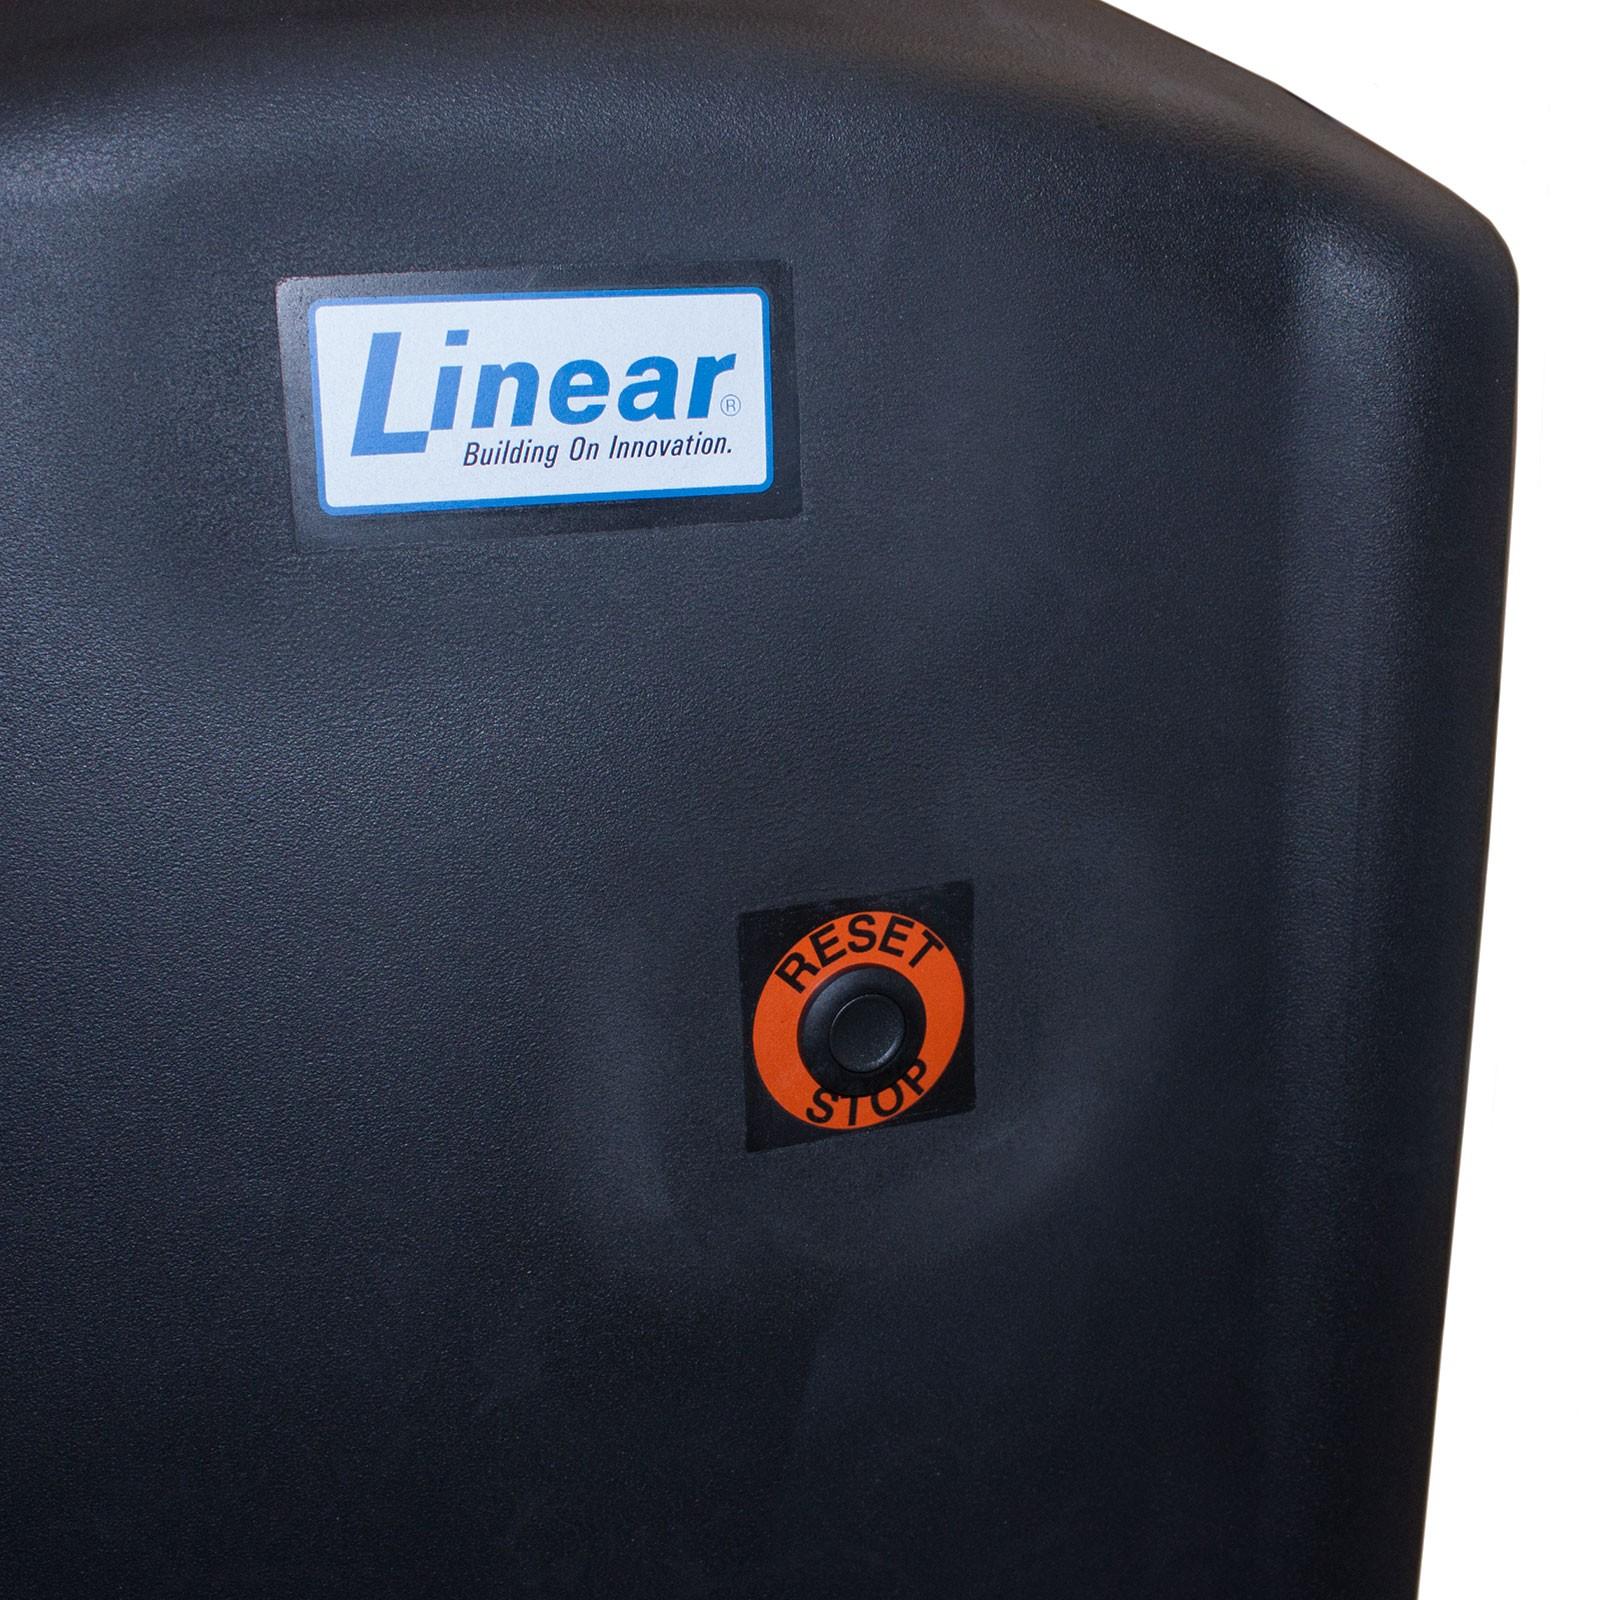 Linear Osco Slc 121 1 Hp 230 Volt Commercial Slide Gate